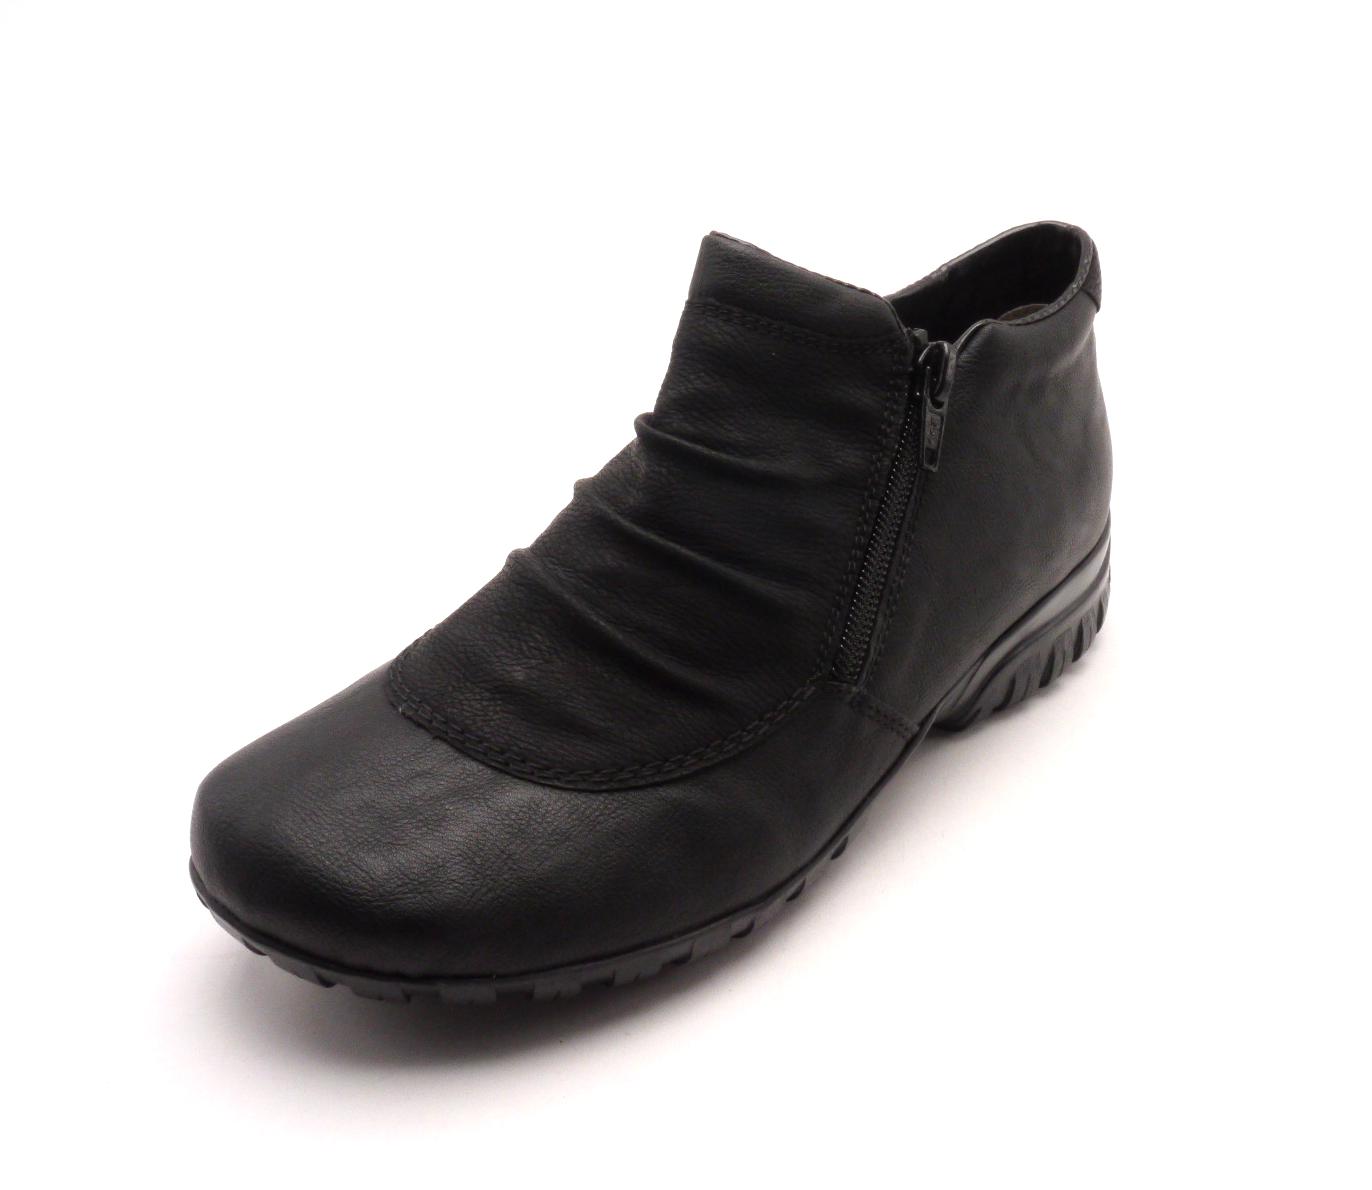 Rieker Dámská černá obuv s kožíškem L4691-01 Velikost: 37